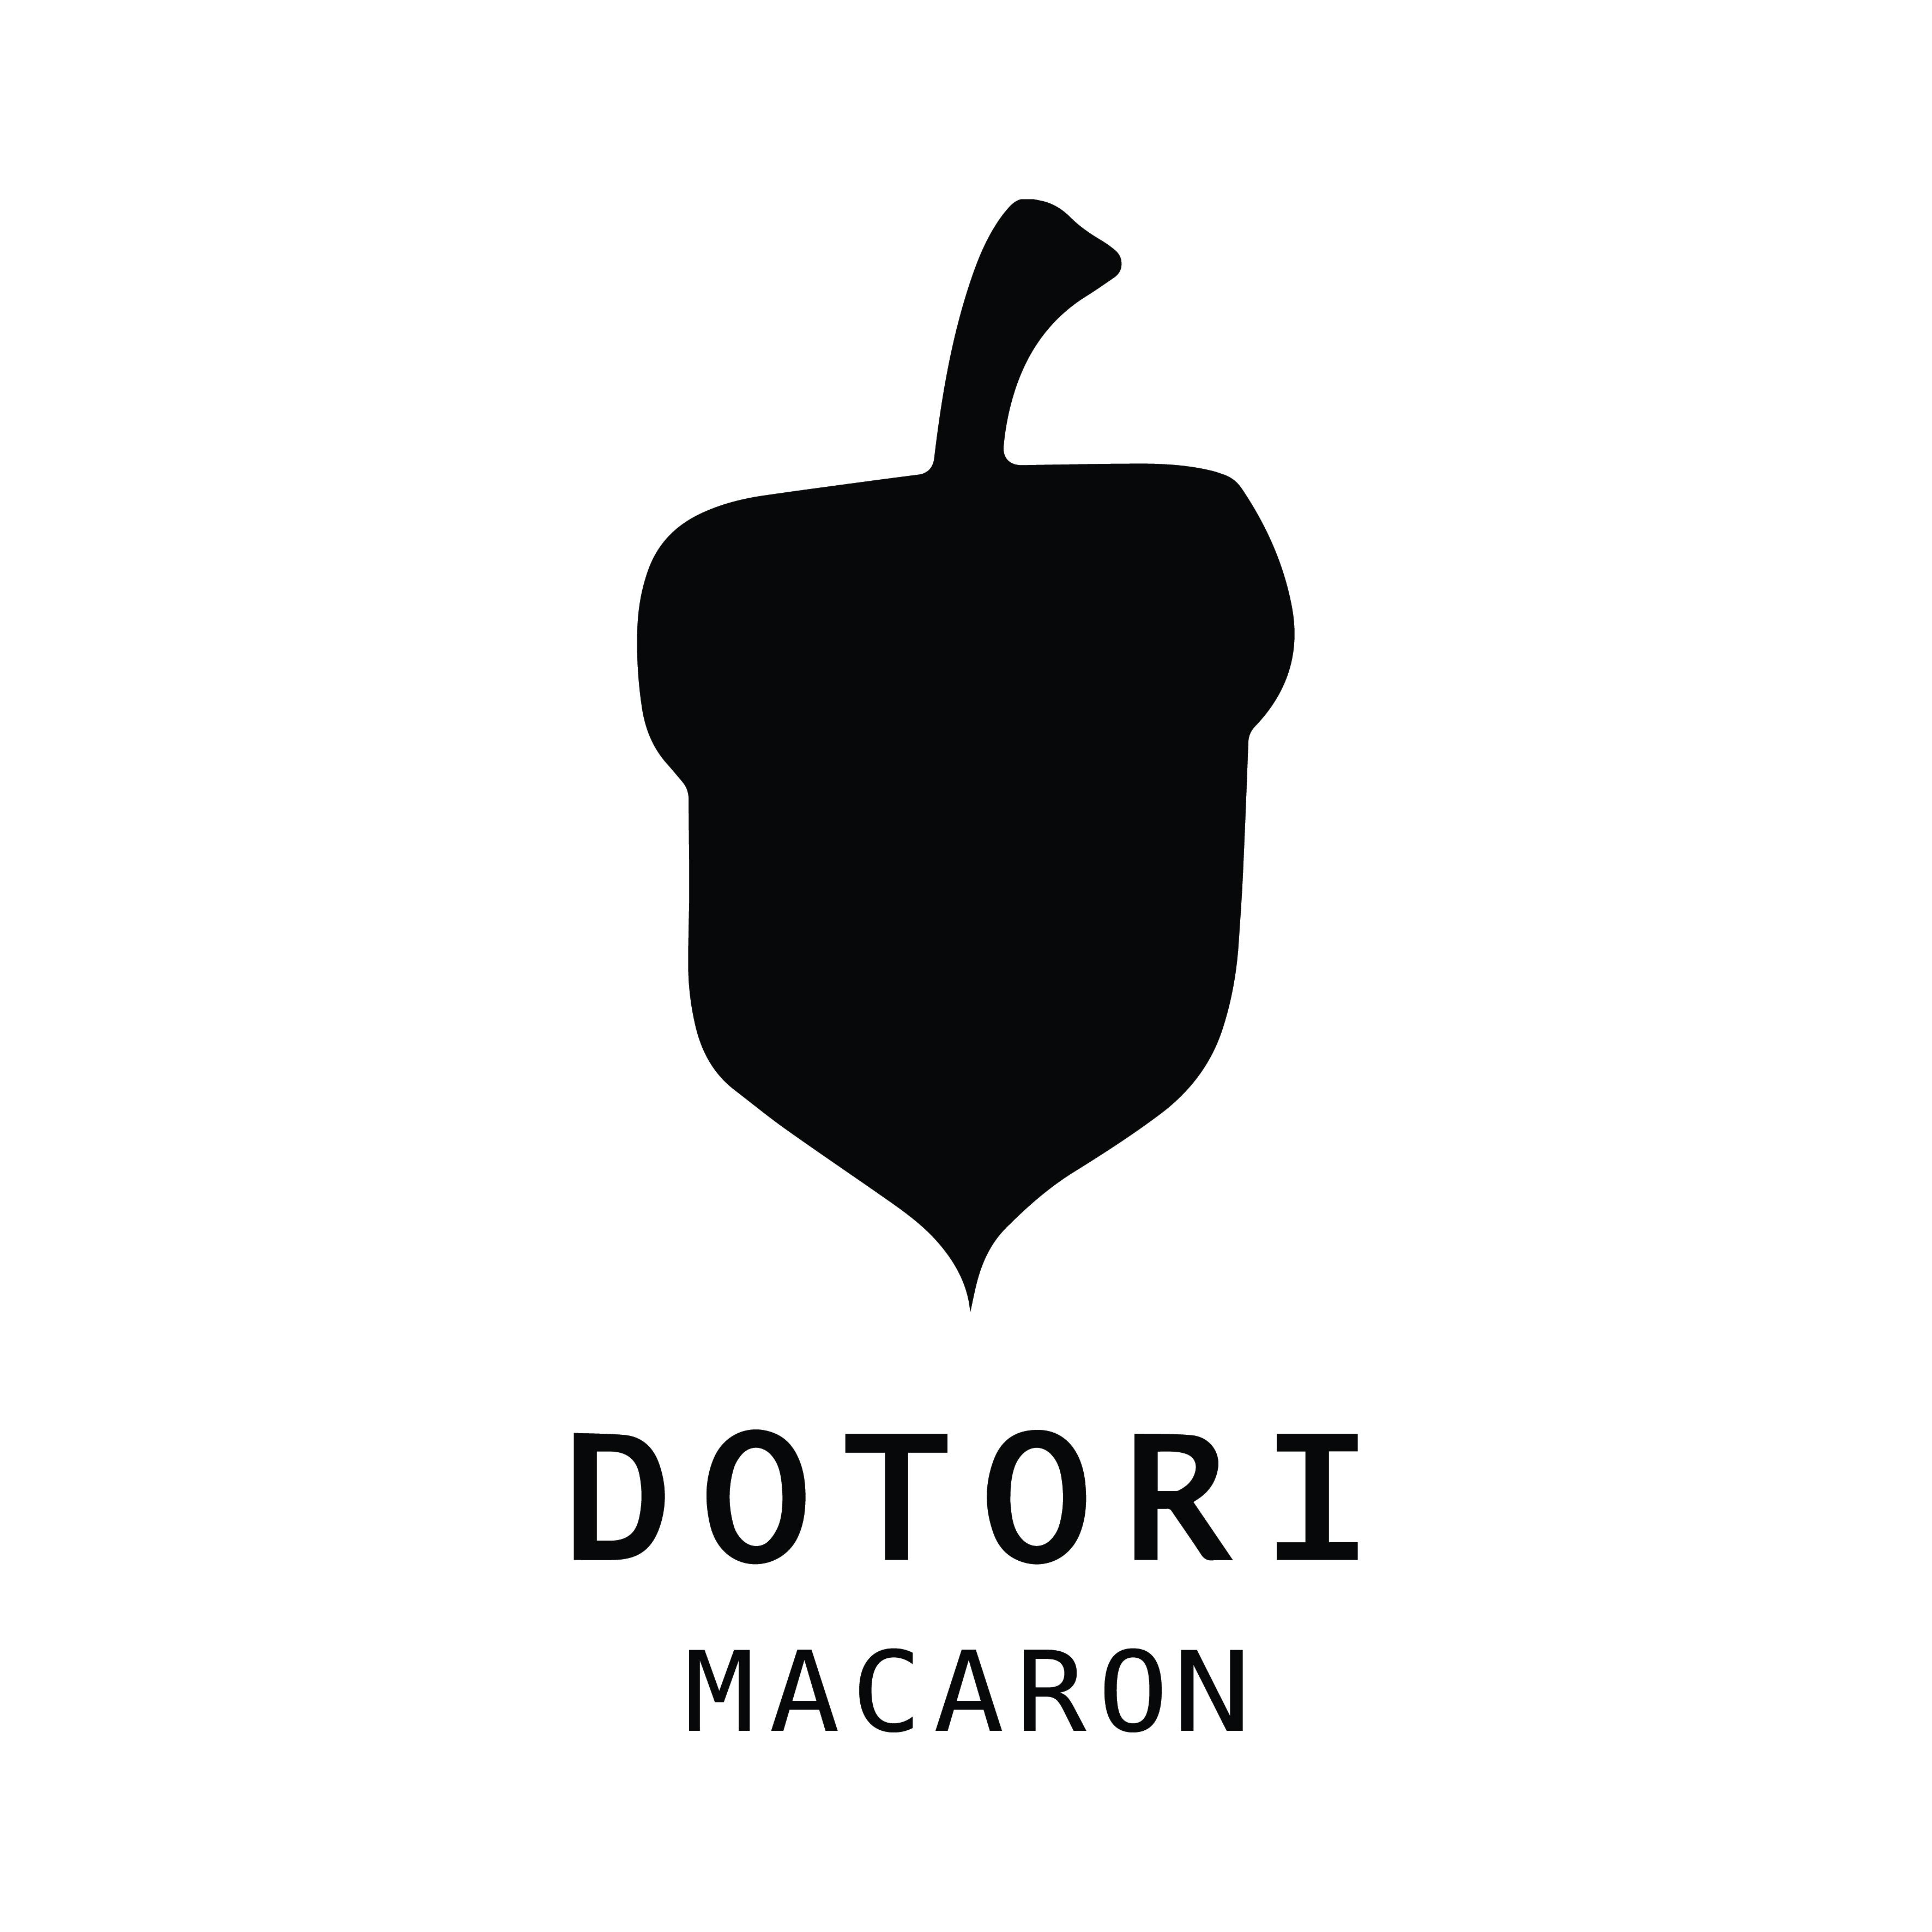 DOTORI ロゴ